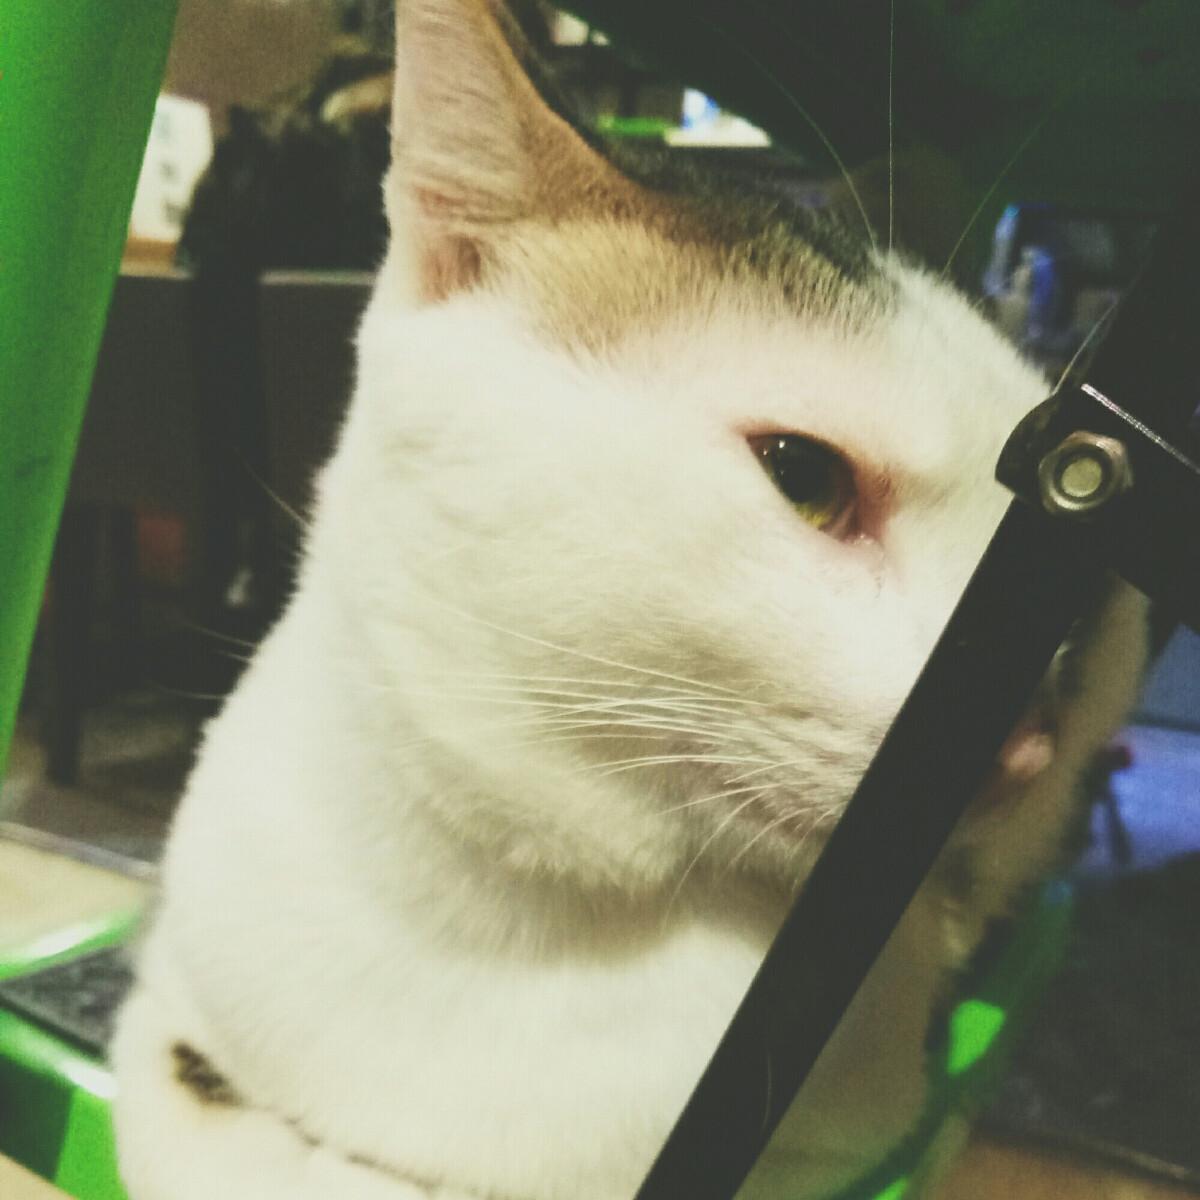 在咖啡店看到这只高冷猫,现在就成了我的头像,(魅族手机拍